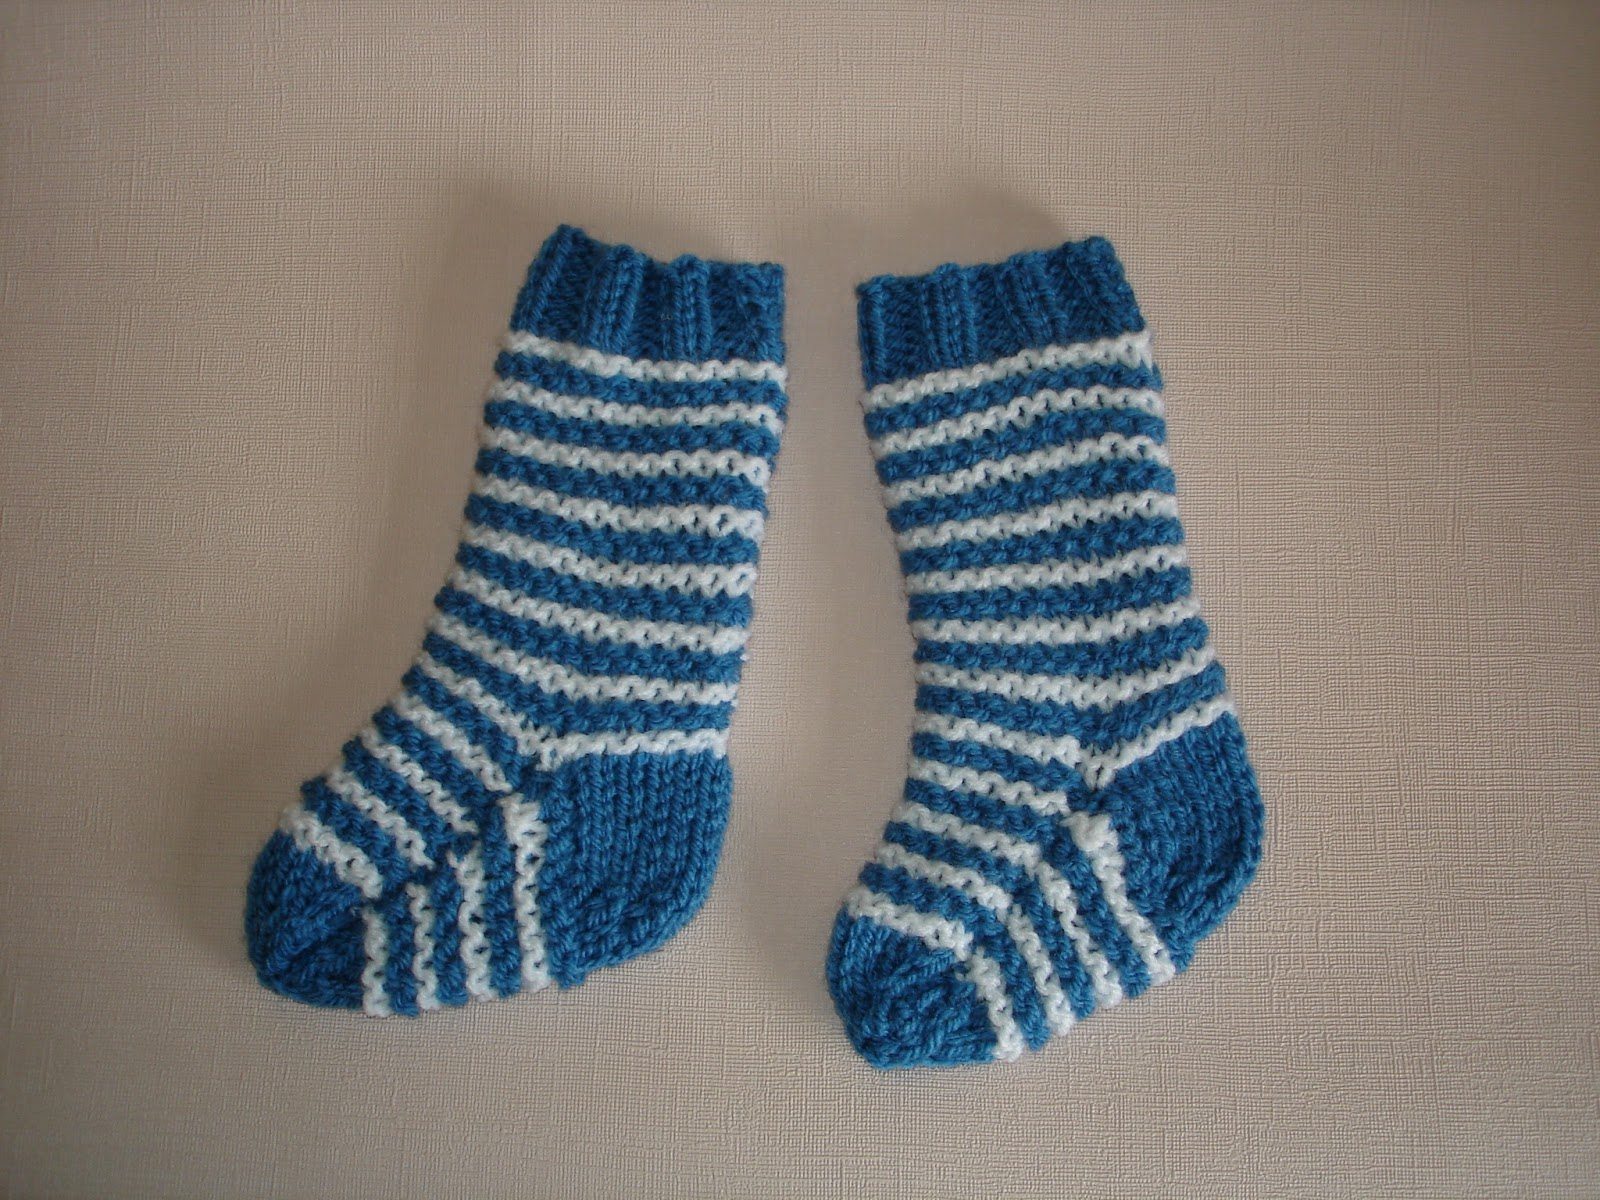 Knitting Baby Socks : Baby knit socks pattern